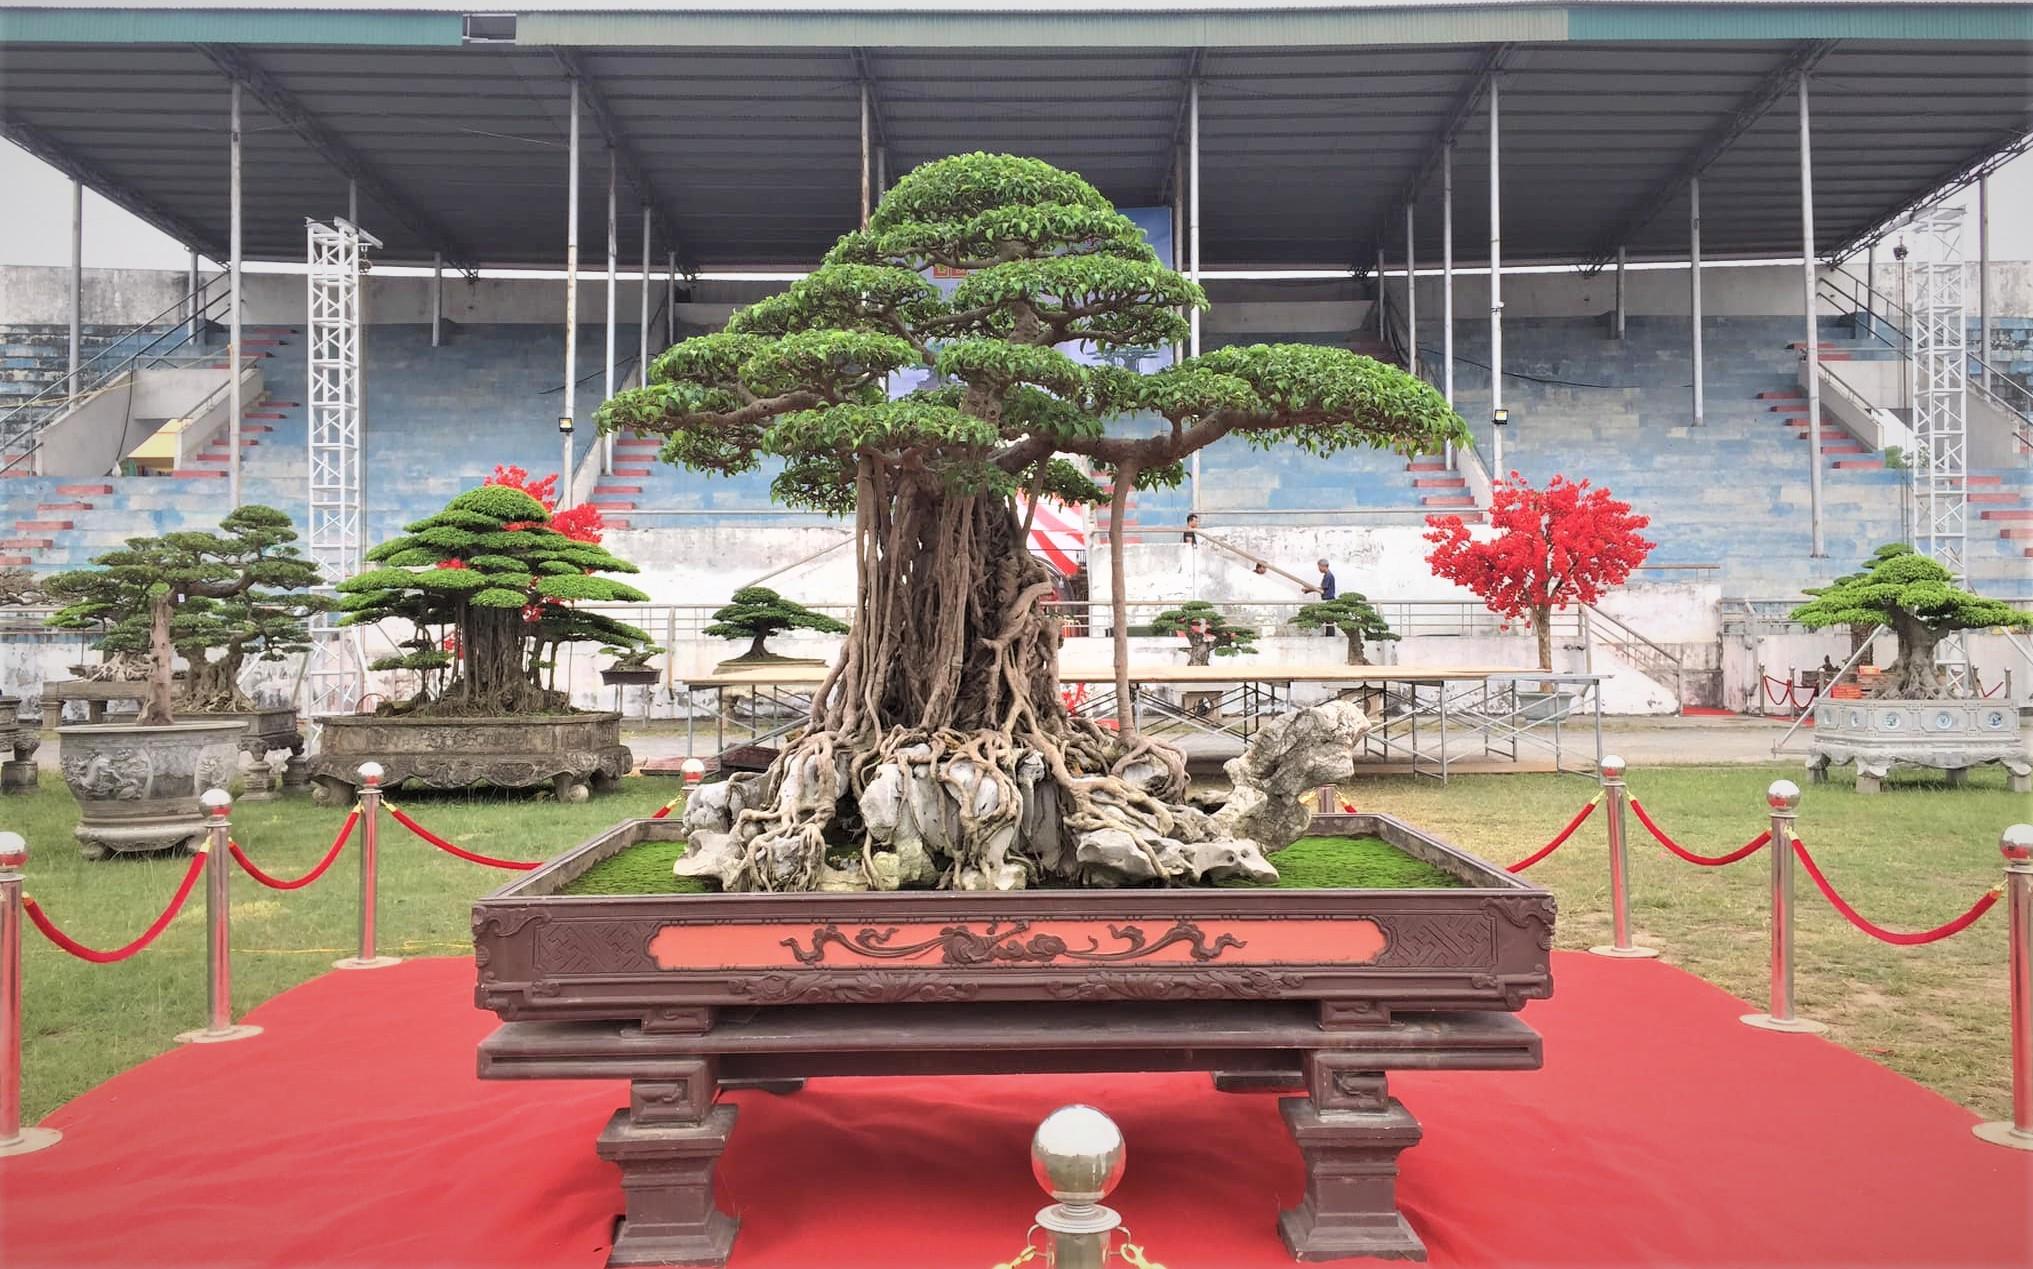 Triển lãm Sinh Vật Cảnh huyện Phúc Thọ (Hà Nội): Nơi hội tụ tinh hoa cây cảnh Việt - Ảnh 2